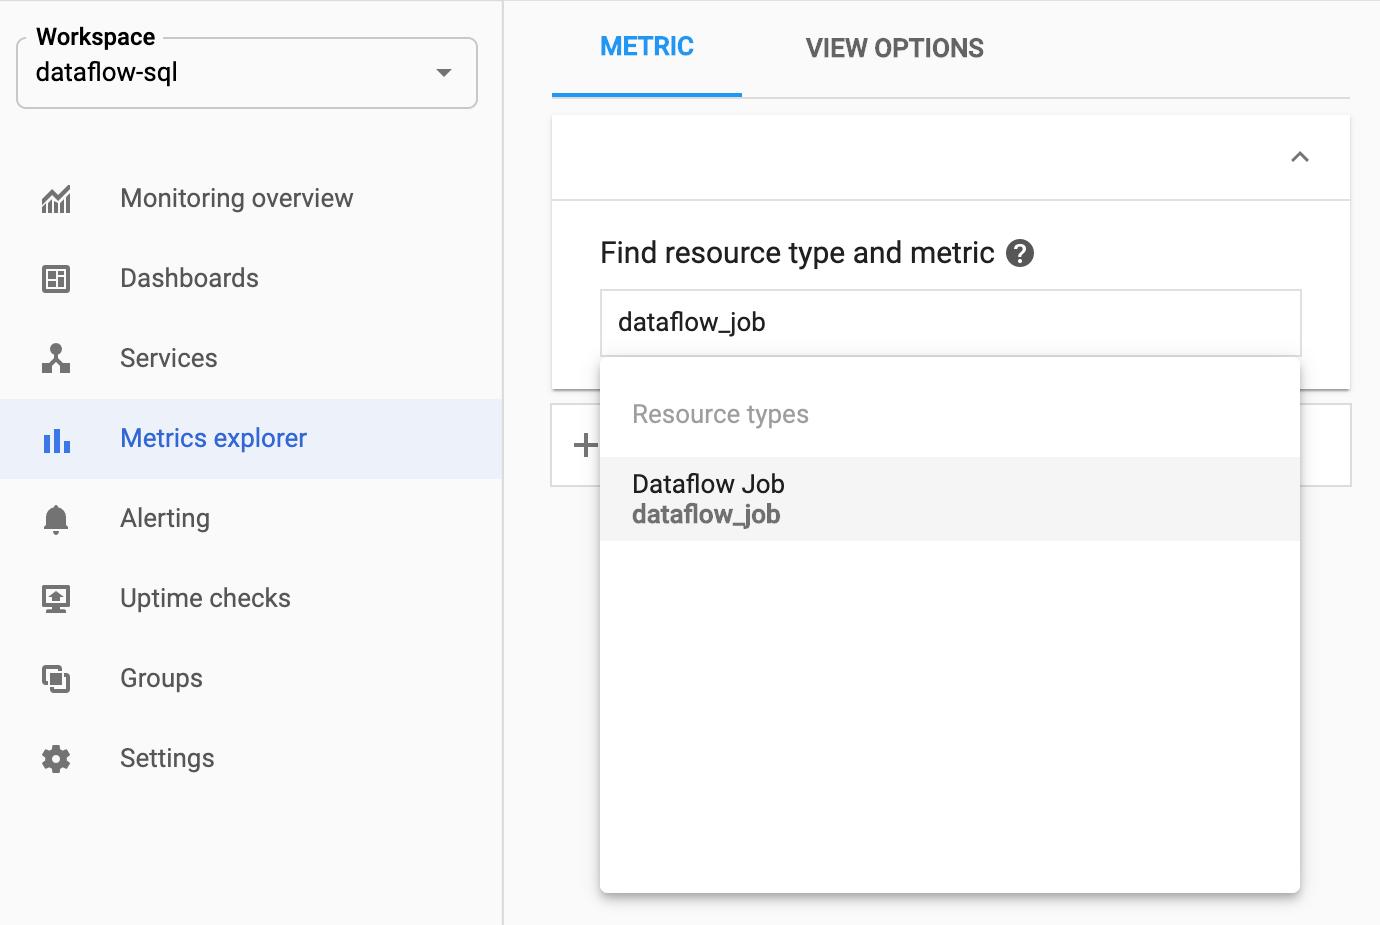 Selecciona el recurso dataflow_job en el Explorador de métricas.